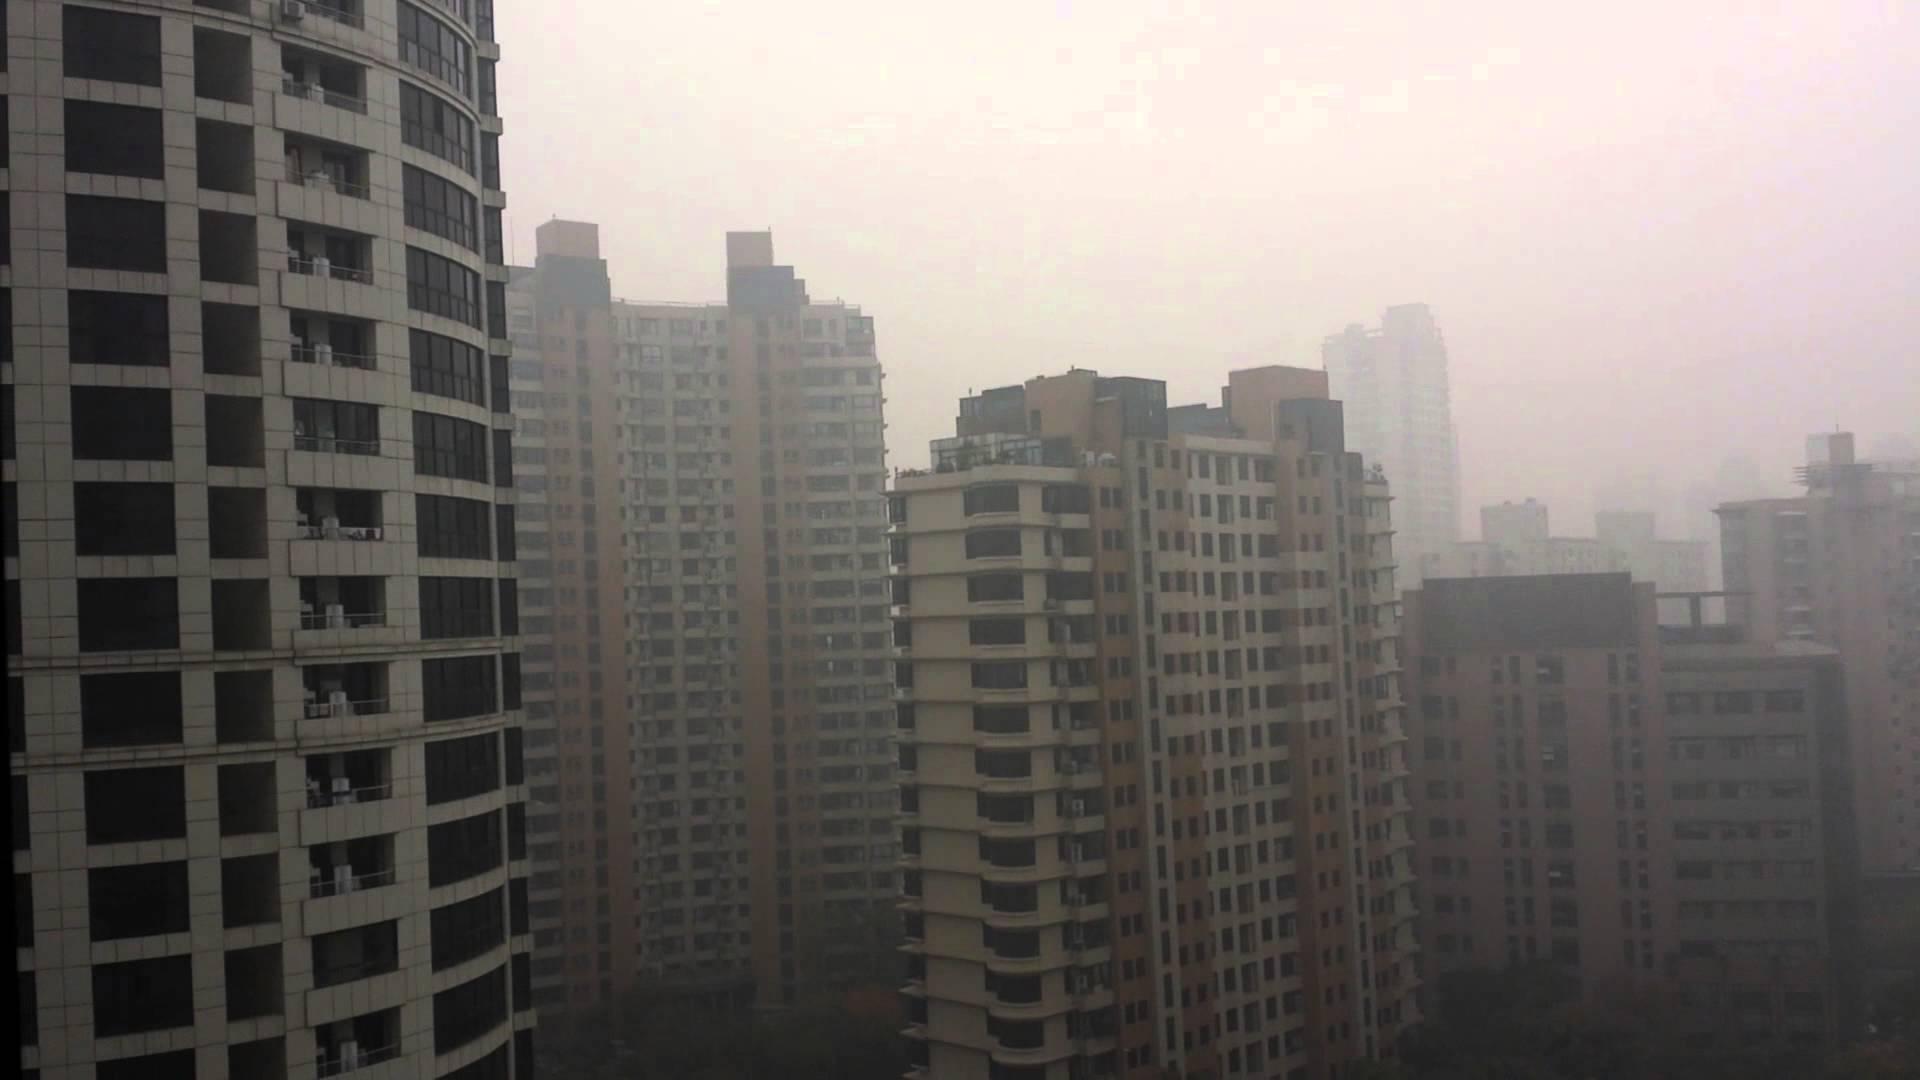 Shanghai 7 dicembre 2013: allarme inquinamento fuori range